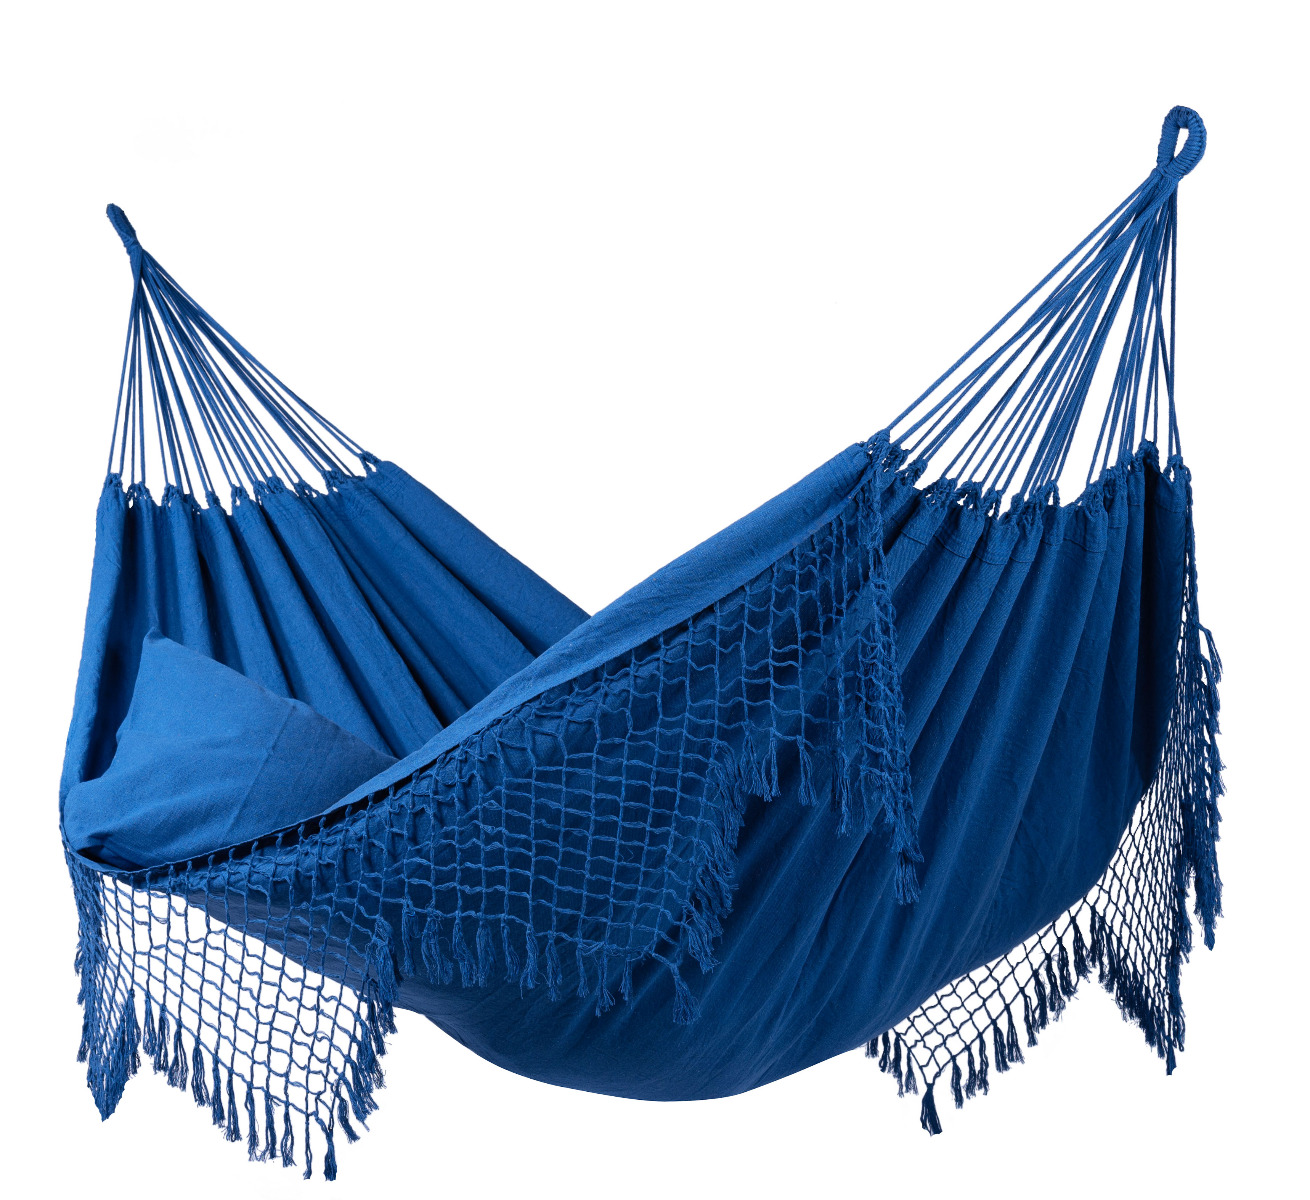 Hangmat 'Sublime' Blue - Tropilex �